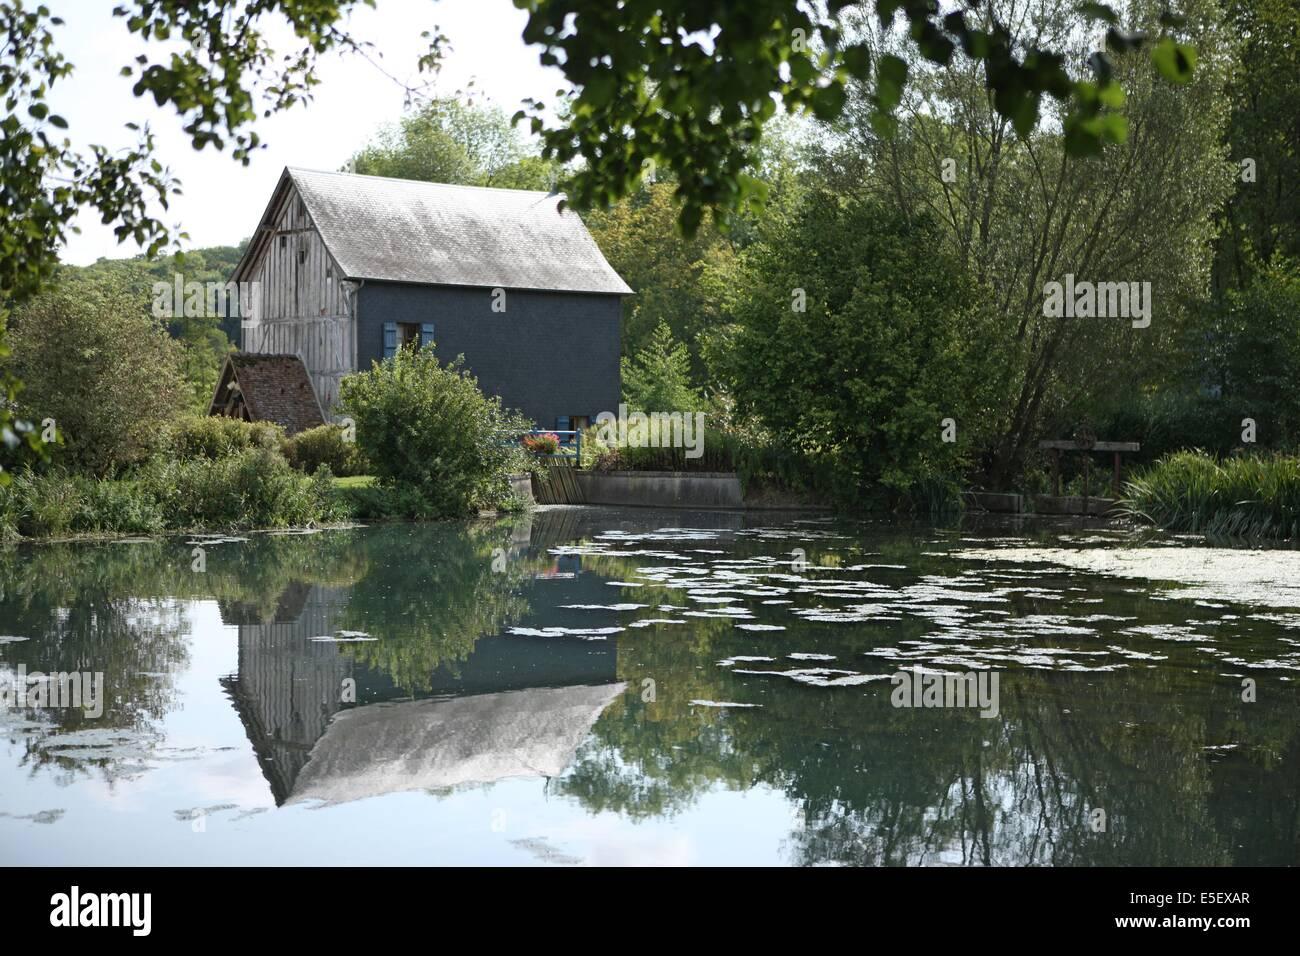 France, Haute Normandie, eure, pays du roumois, saint ouen de pontcheuil, moulin amour, etang, - Stock Image